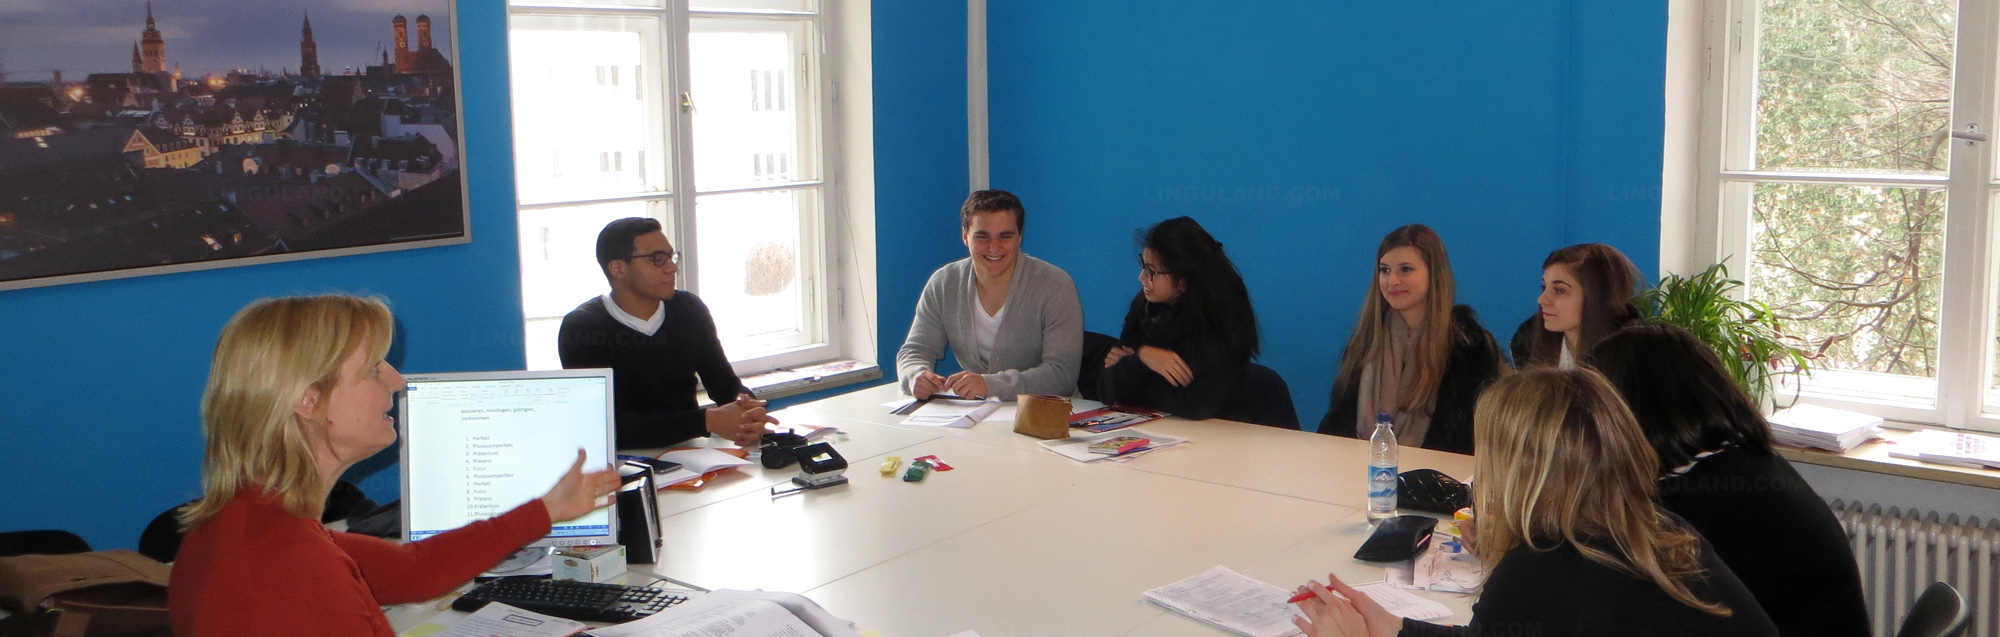 BWS Germanlingua München : récits et évaluations